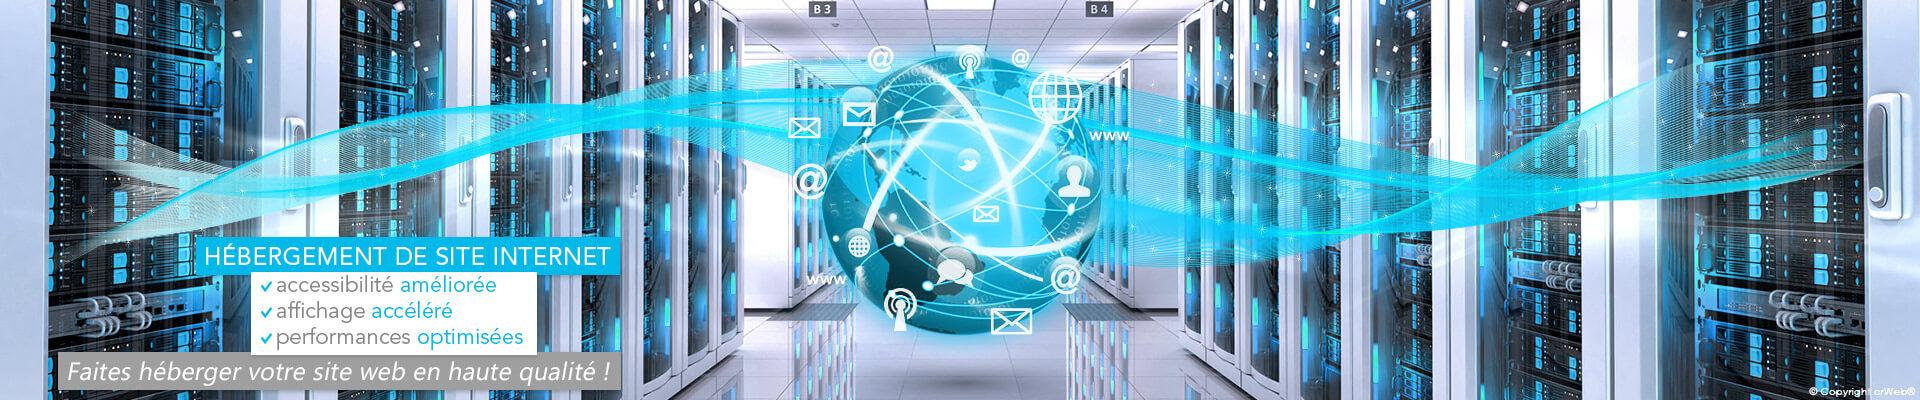 Hébergement Internet : nom de domaine, hébergement mutualisé, serveur dédié.